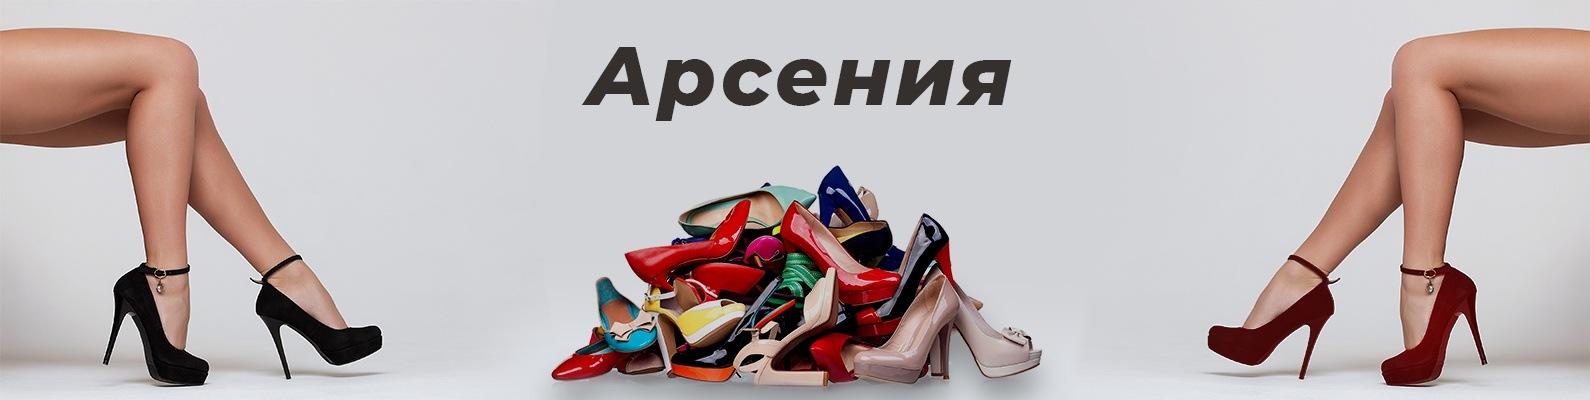 082d0cde6 Женская обувь больших размеров Арсения г.Воронеж | ВКонтакте